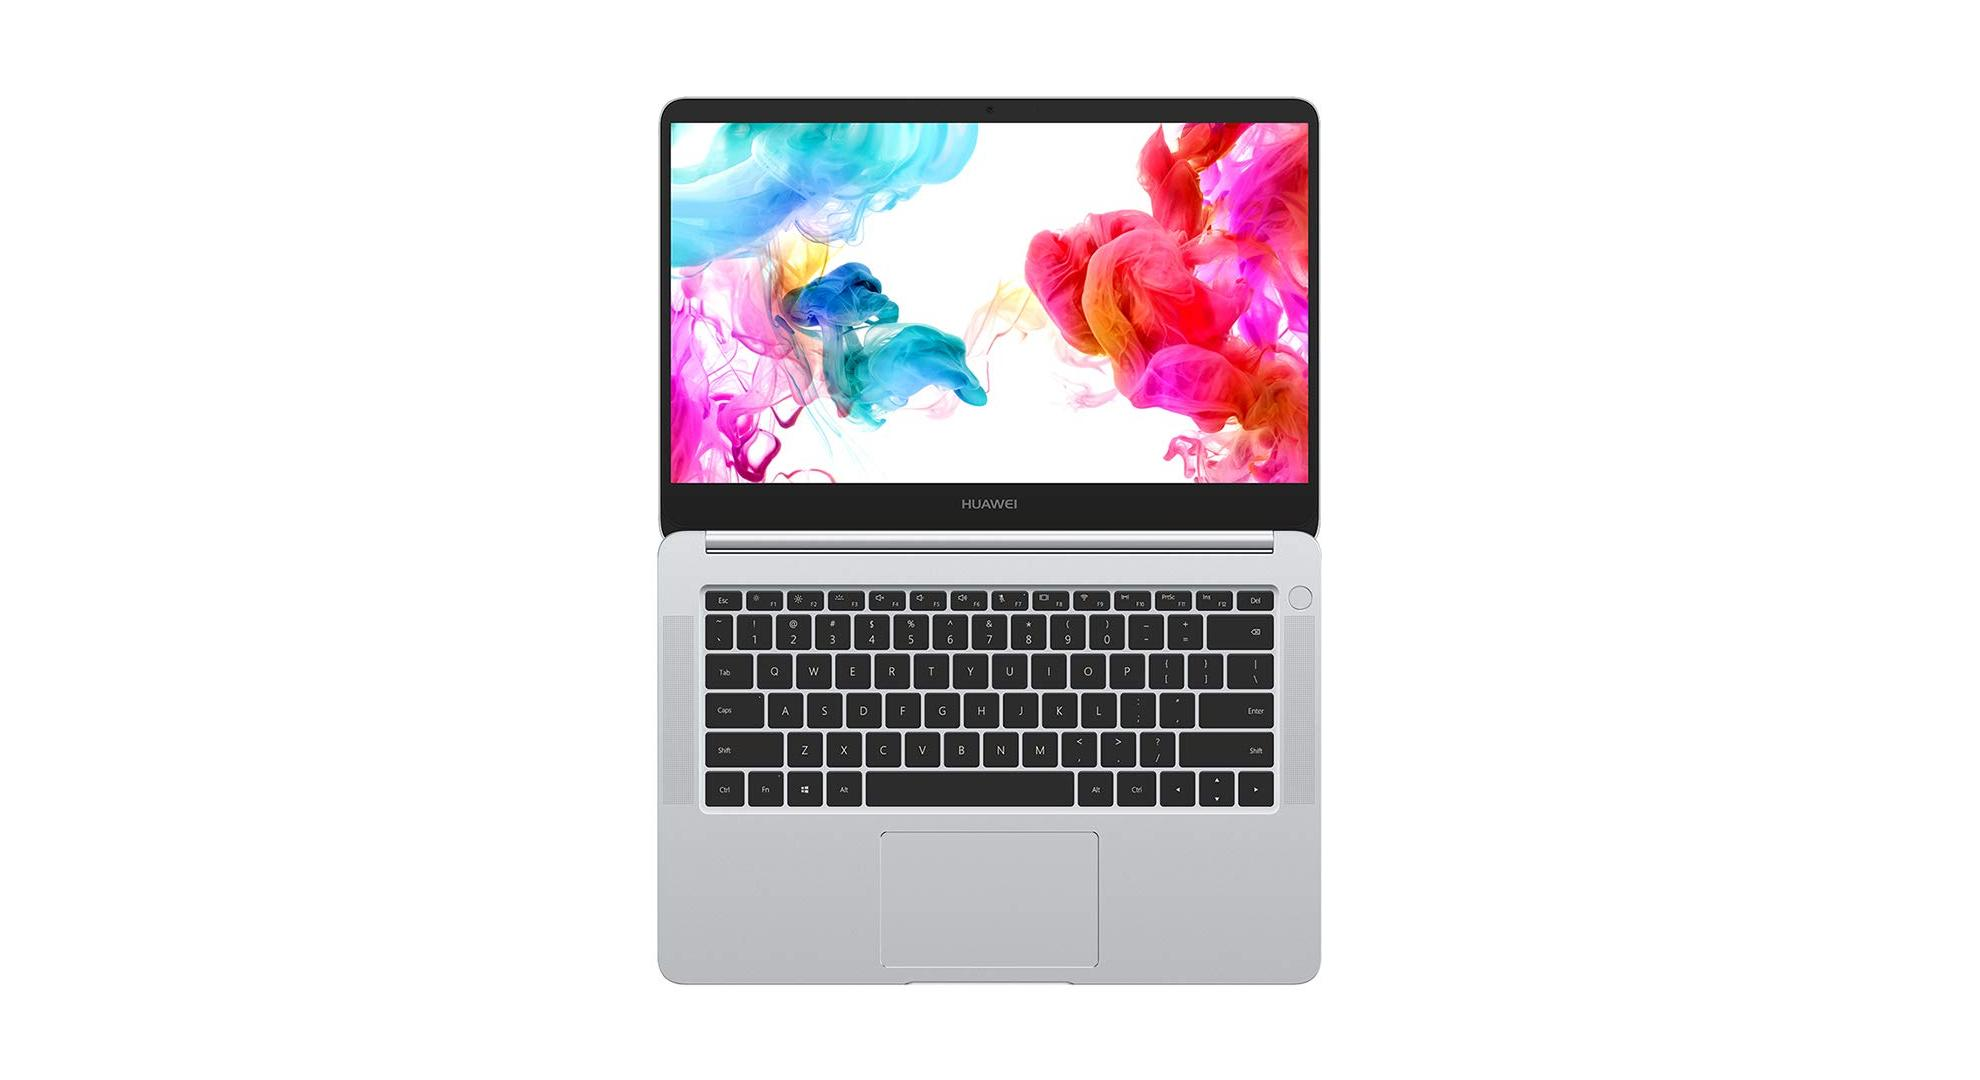 97954db2a419 Avec le Matebook D, Huawei arrive à proposer un ordinateur portable avec  des performances élevées et des fonctionnalités originales (capteur  d'empreintes, ...